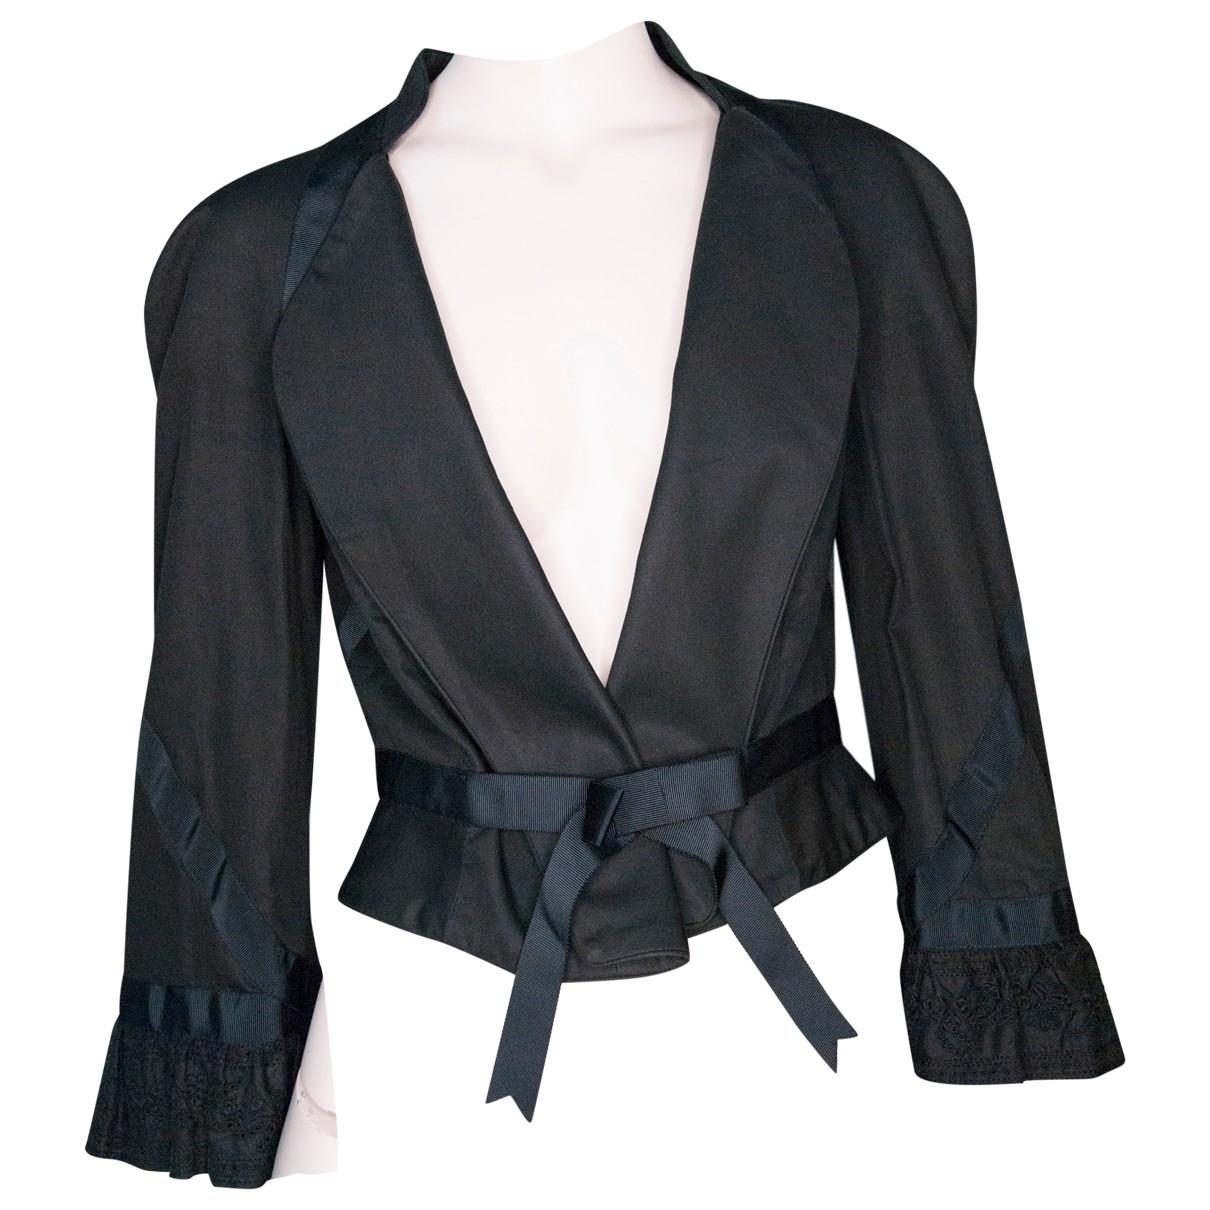 Alexander Mcqueen \N Black Cotton  top for Women 44 IT